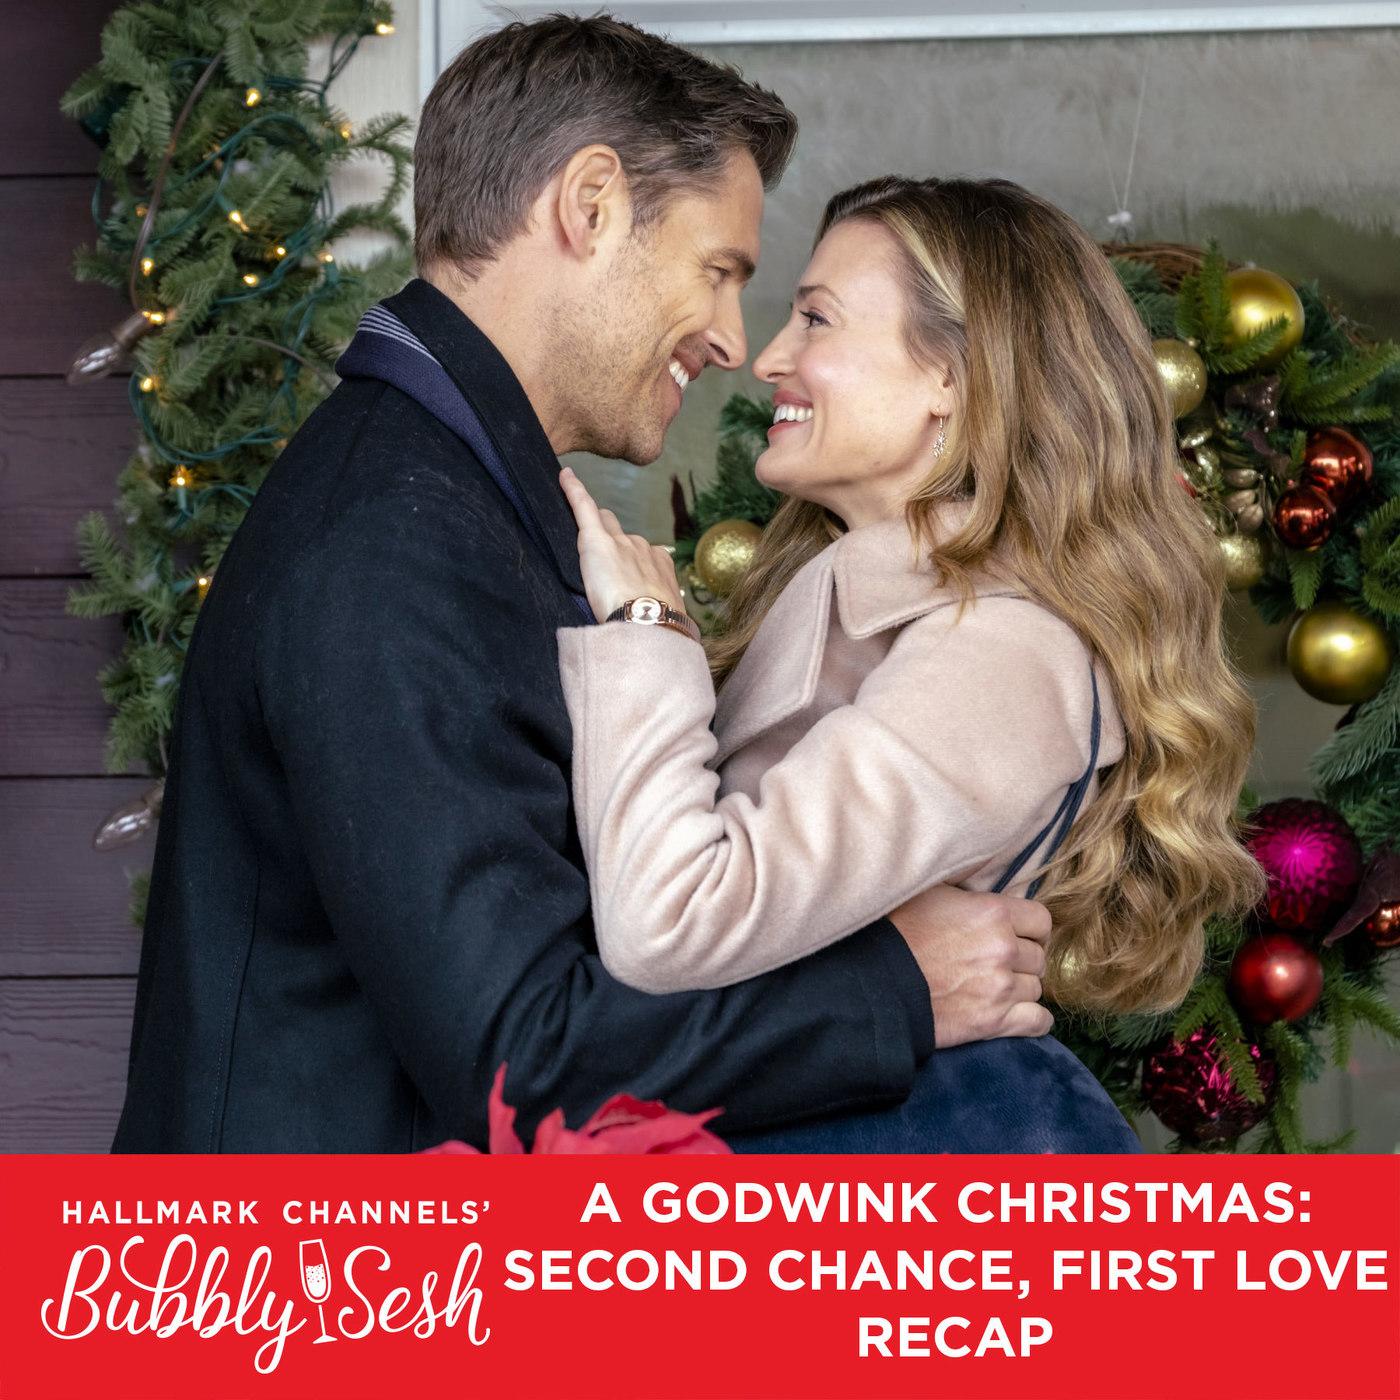 A Godwink Christmas: Second Chance, First Love Recap